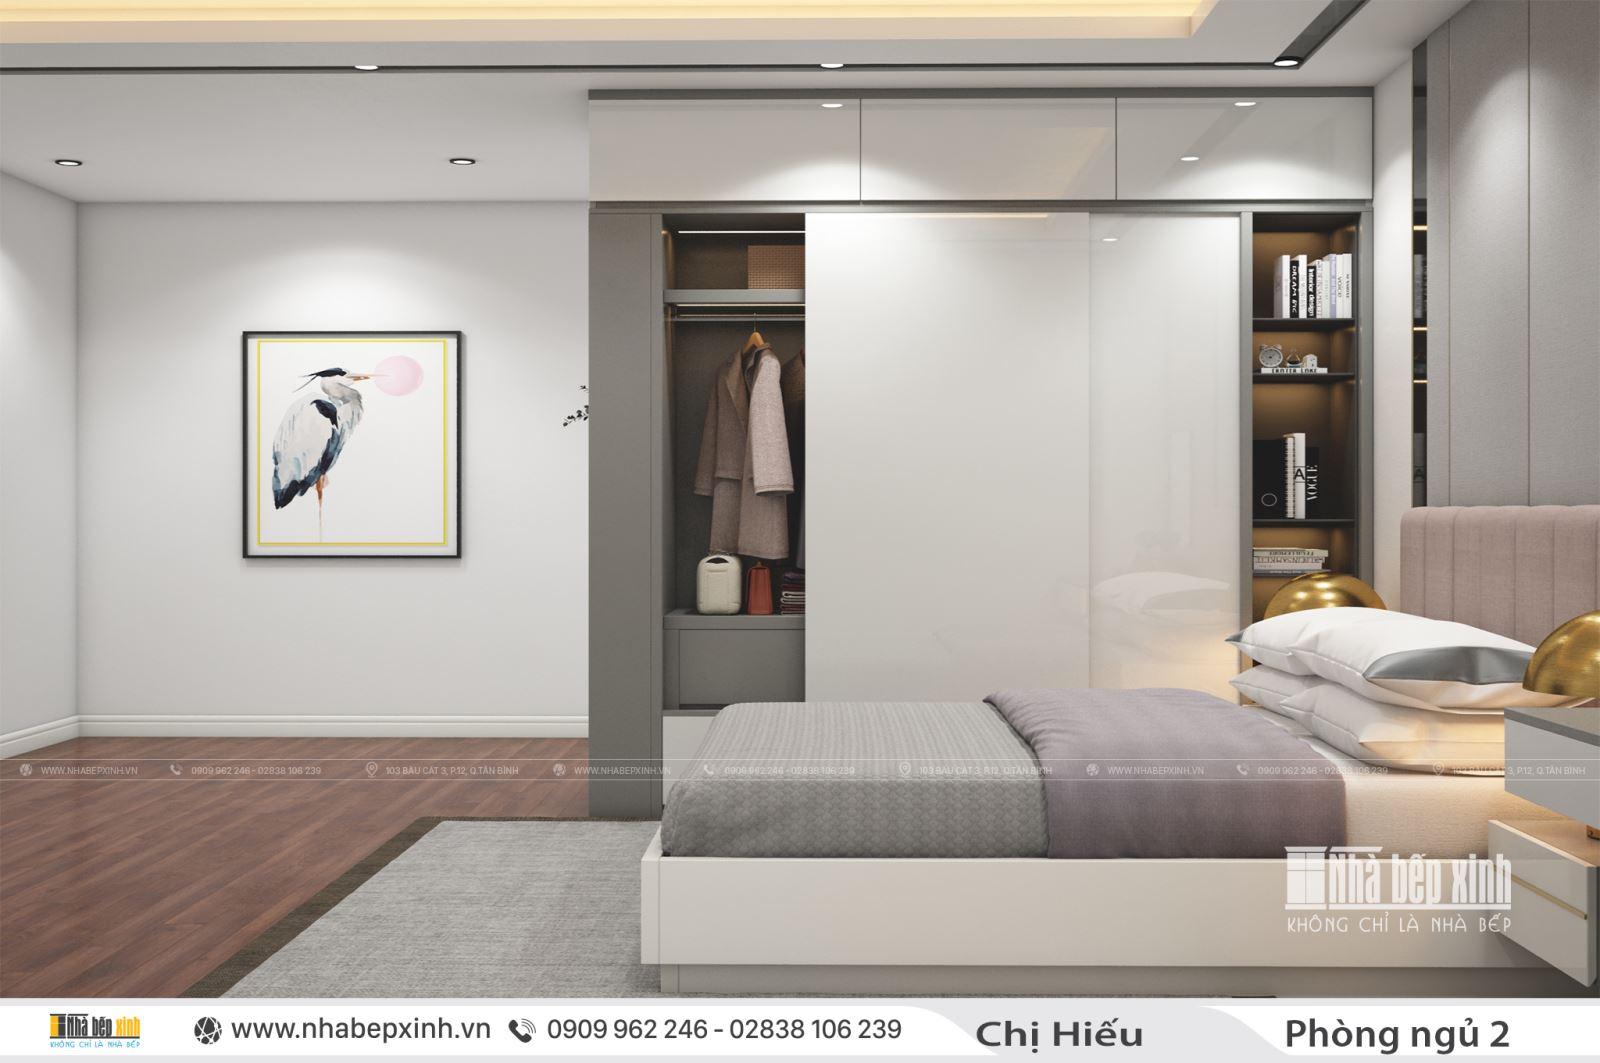 Phòng ngủ đẹp tại tỉnh Tiền Giang